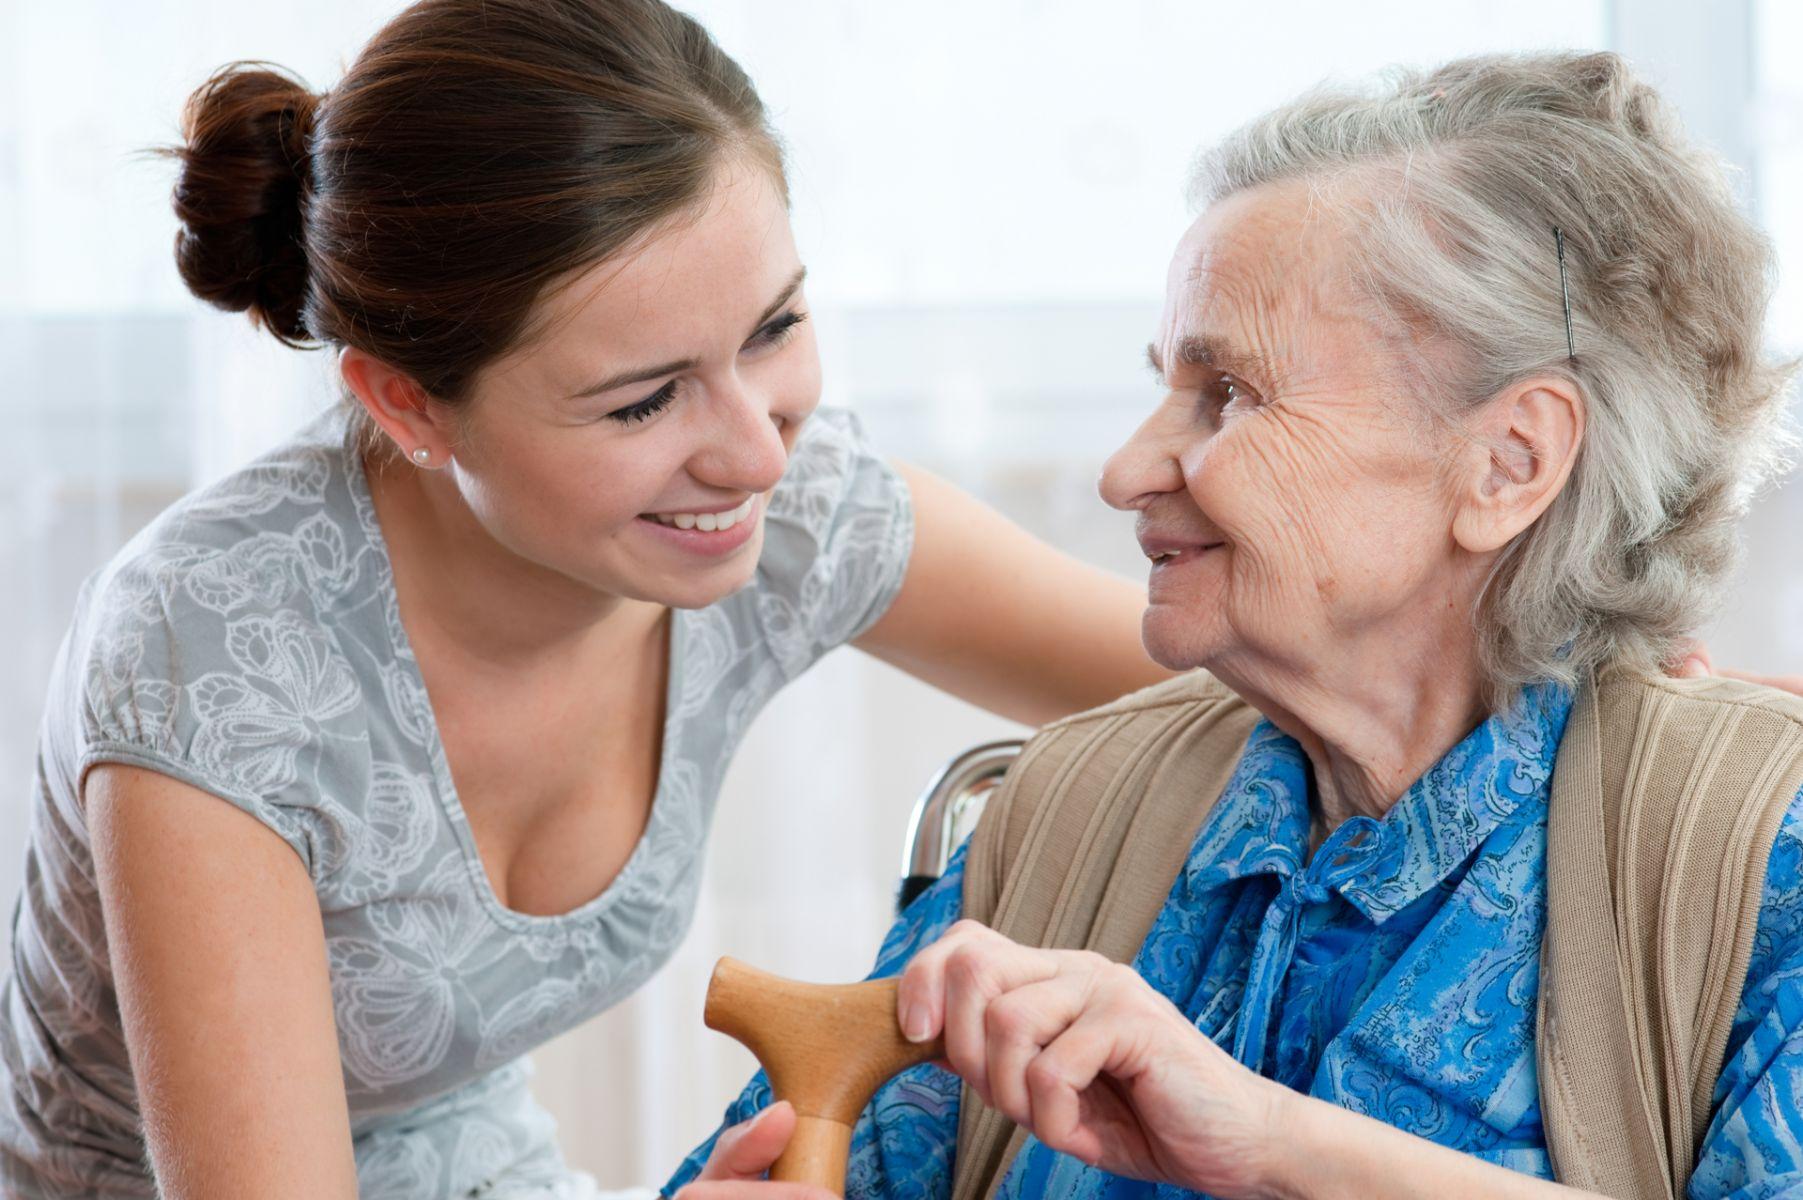 安心長照指南:如何判斷家人適不適合居家照護?